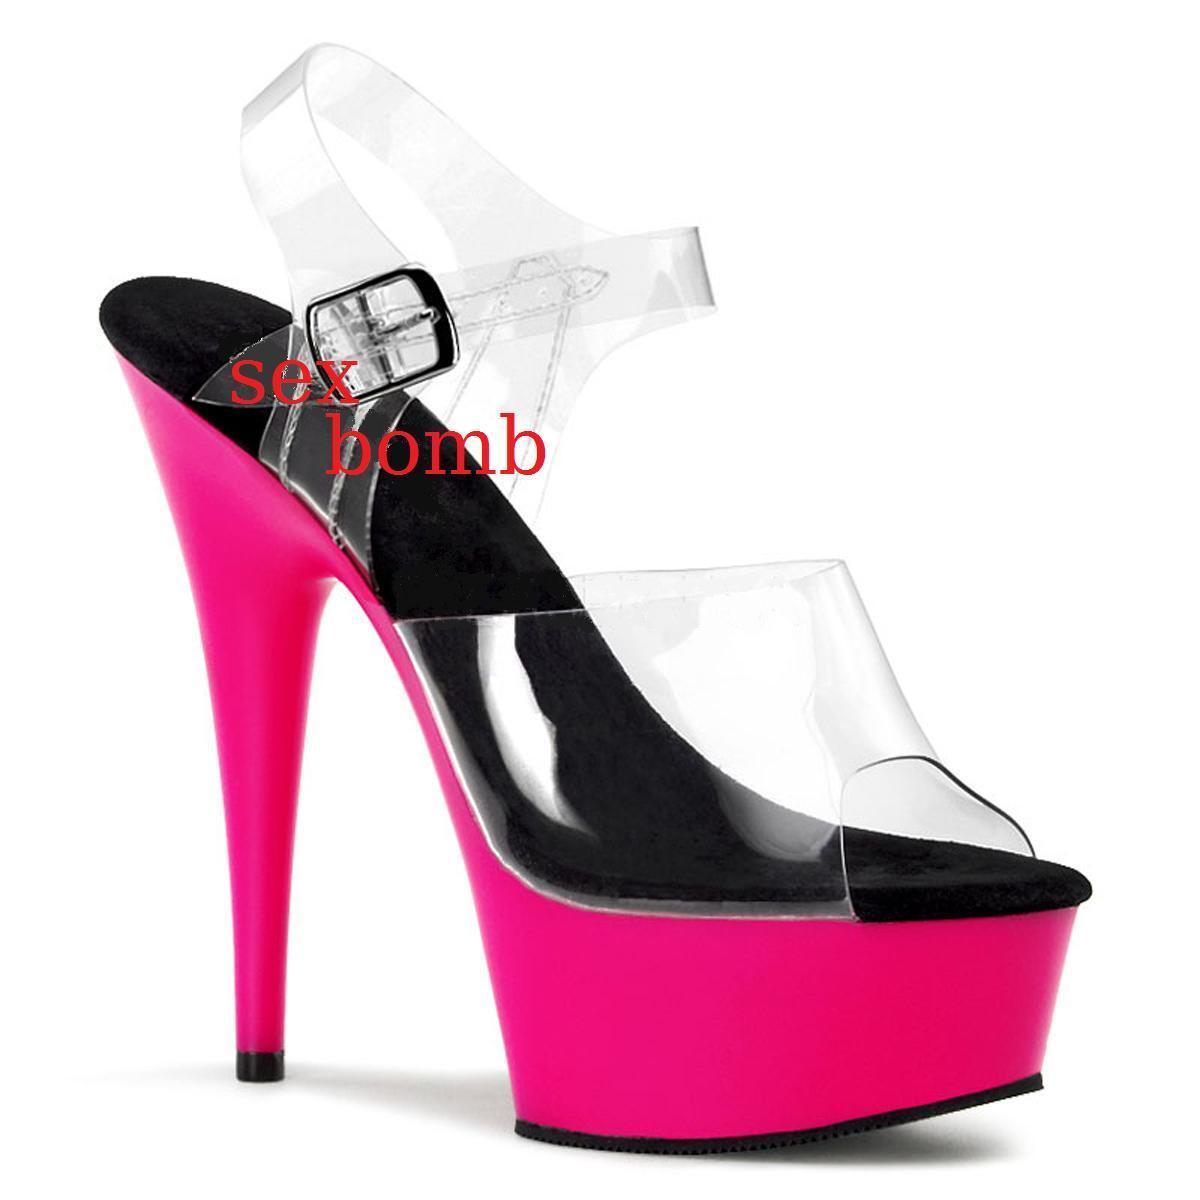 SEXY sandali FLUORESCENTI plateau tacco 15 15 15 dal 35 al 44 rose NEON fashion GLAM 2cb04a